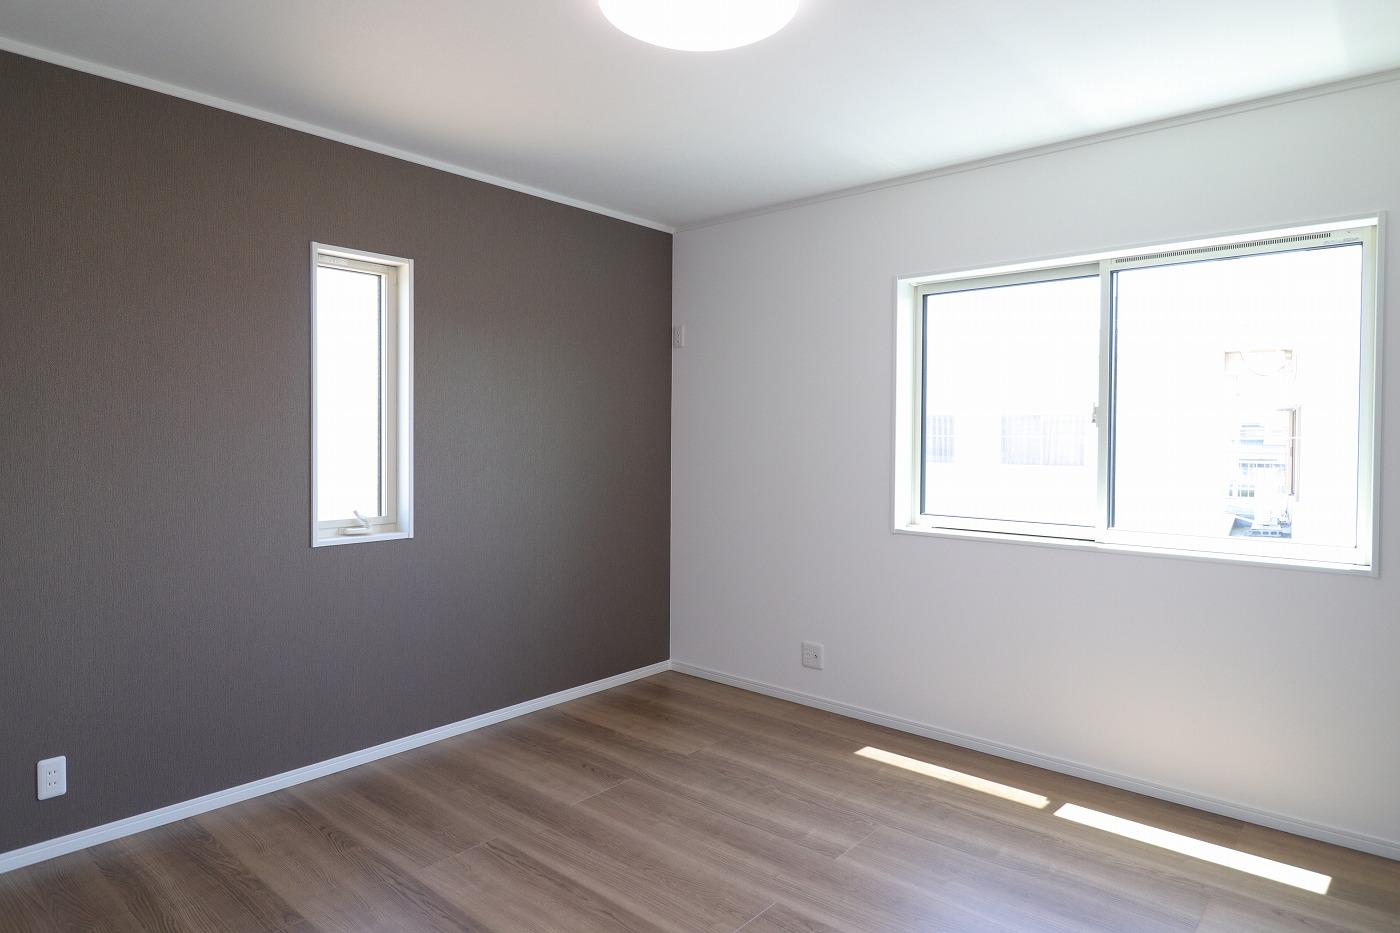 高松市木太町新築分譲建売住宅の寝室